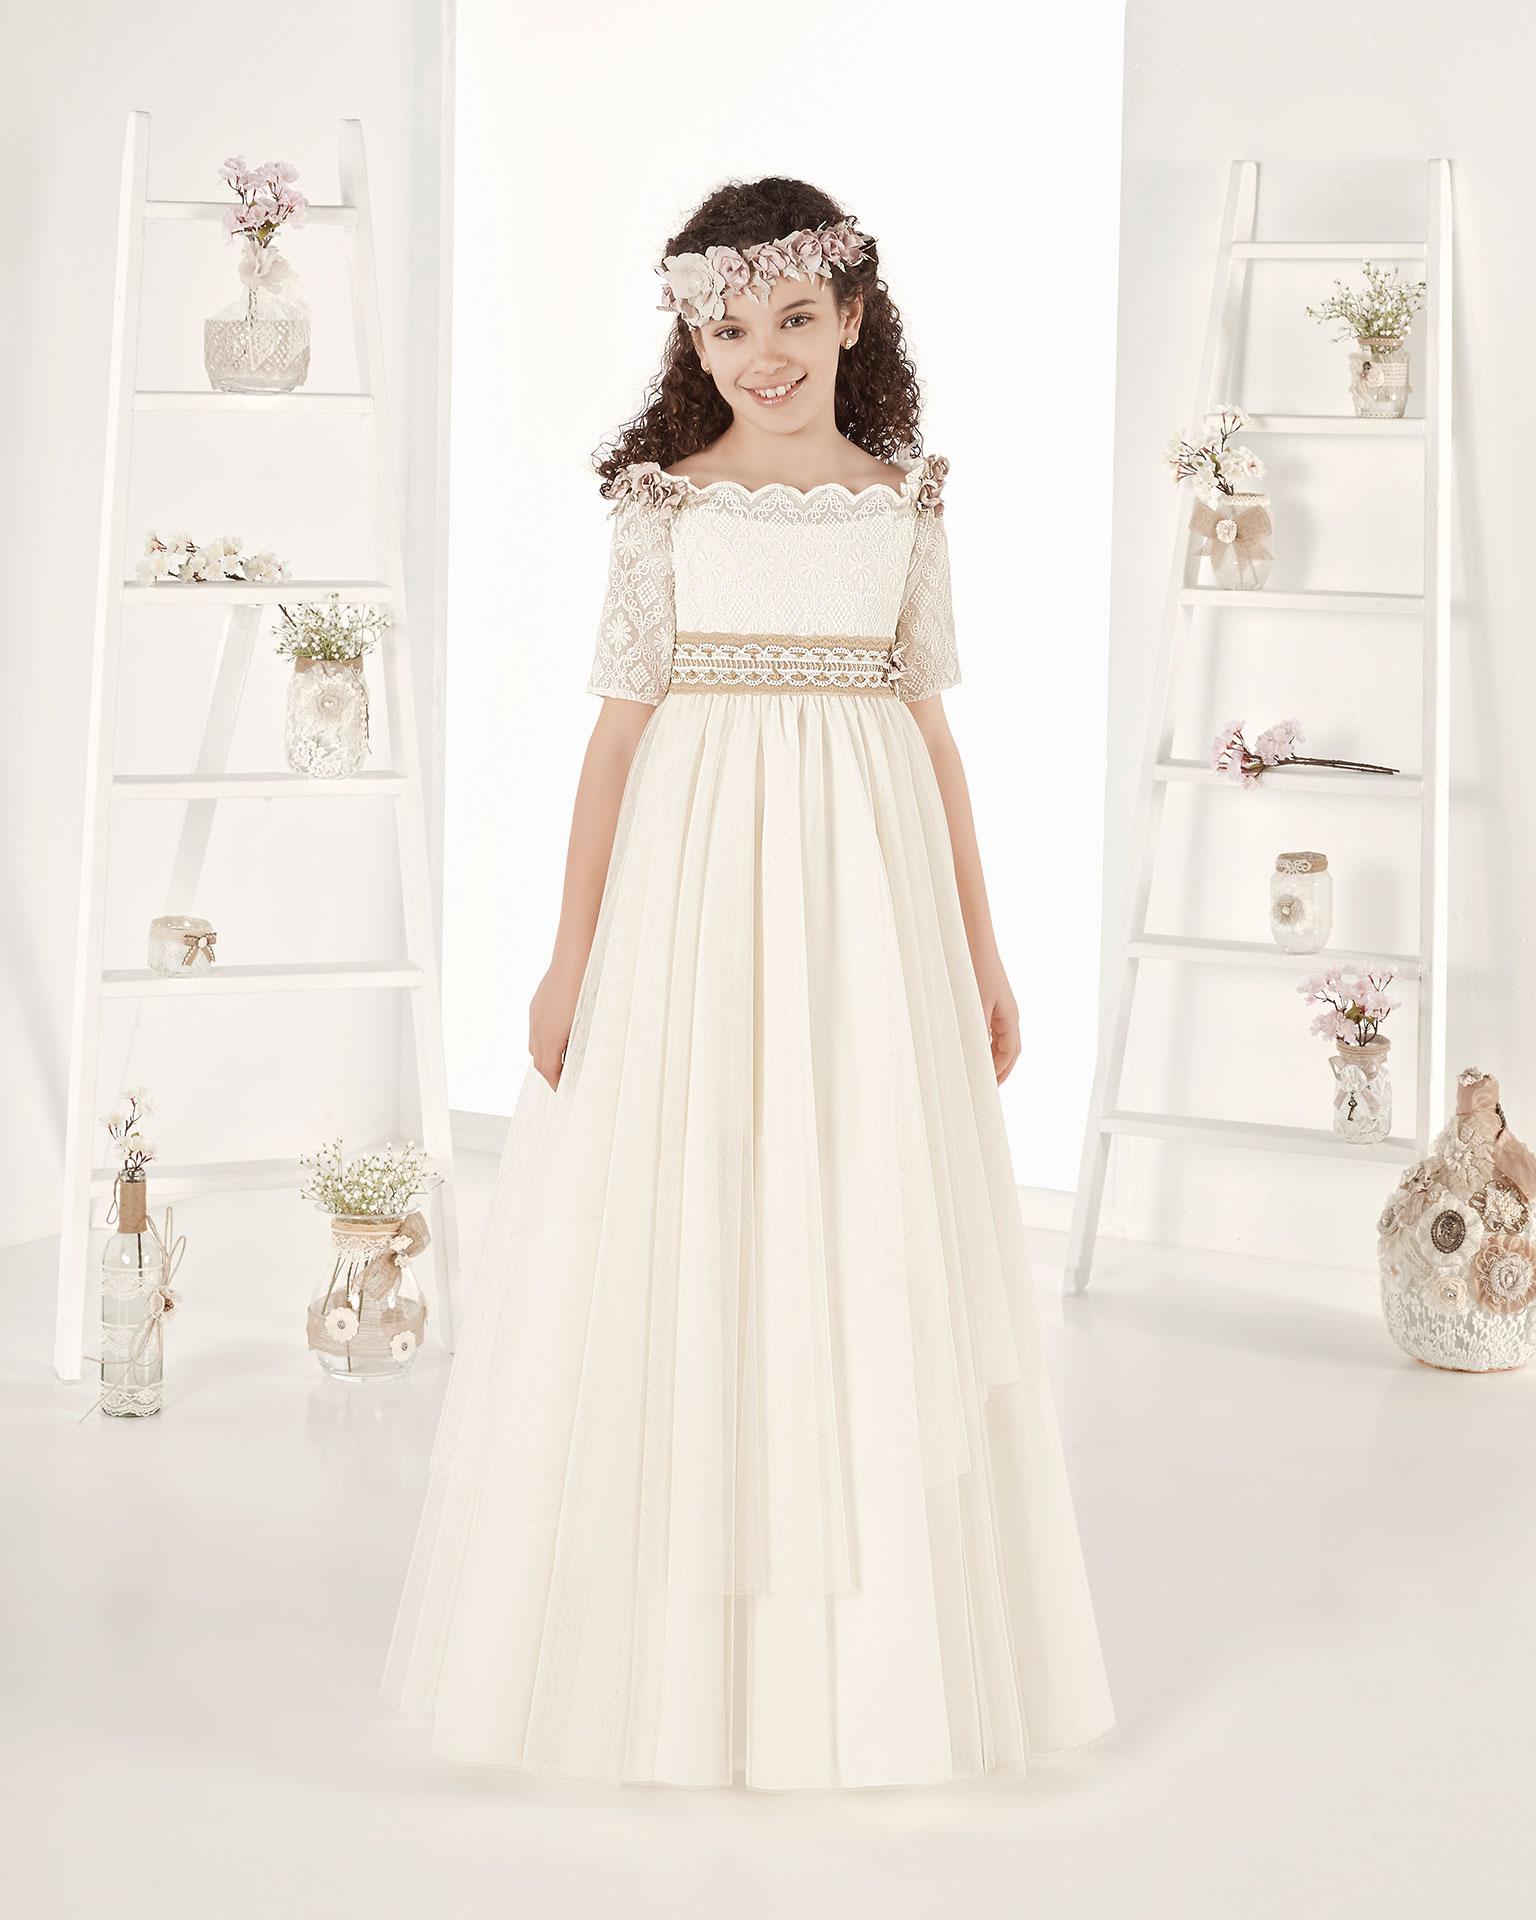 Rochie de comuniune în stil fantezie din tul. Cu talie înaltă.  Disponibilă în culoarea ivoriu. Colecția AIRE COMUNION 2019.